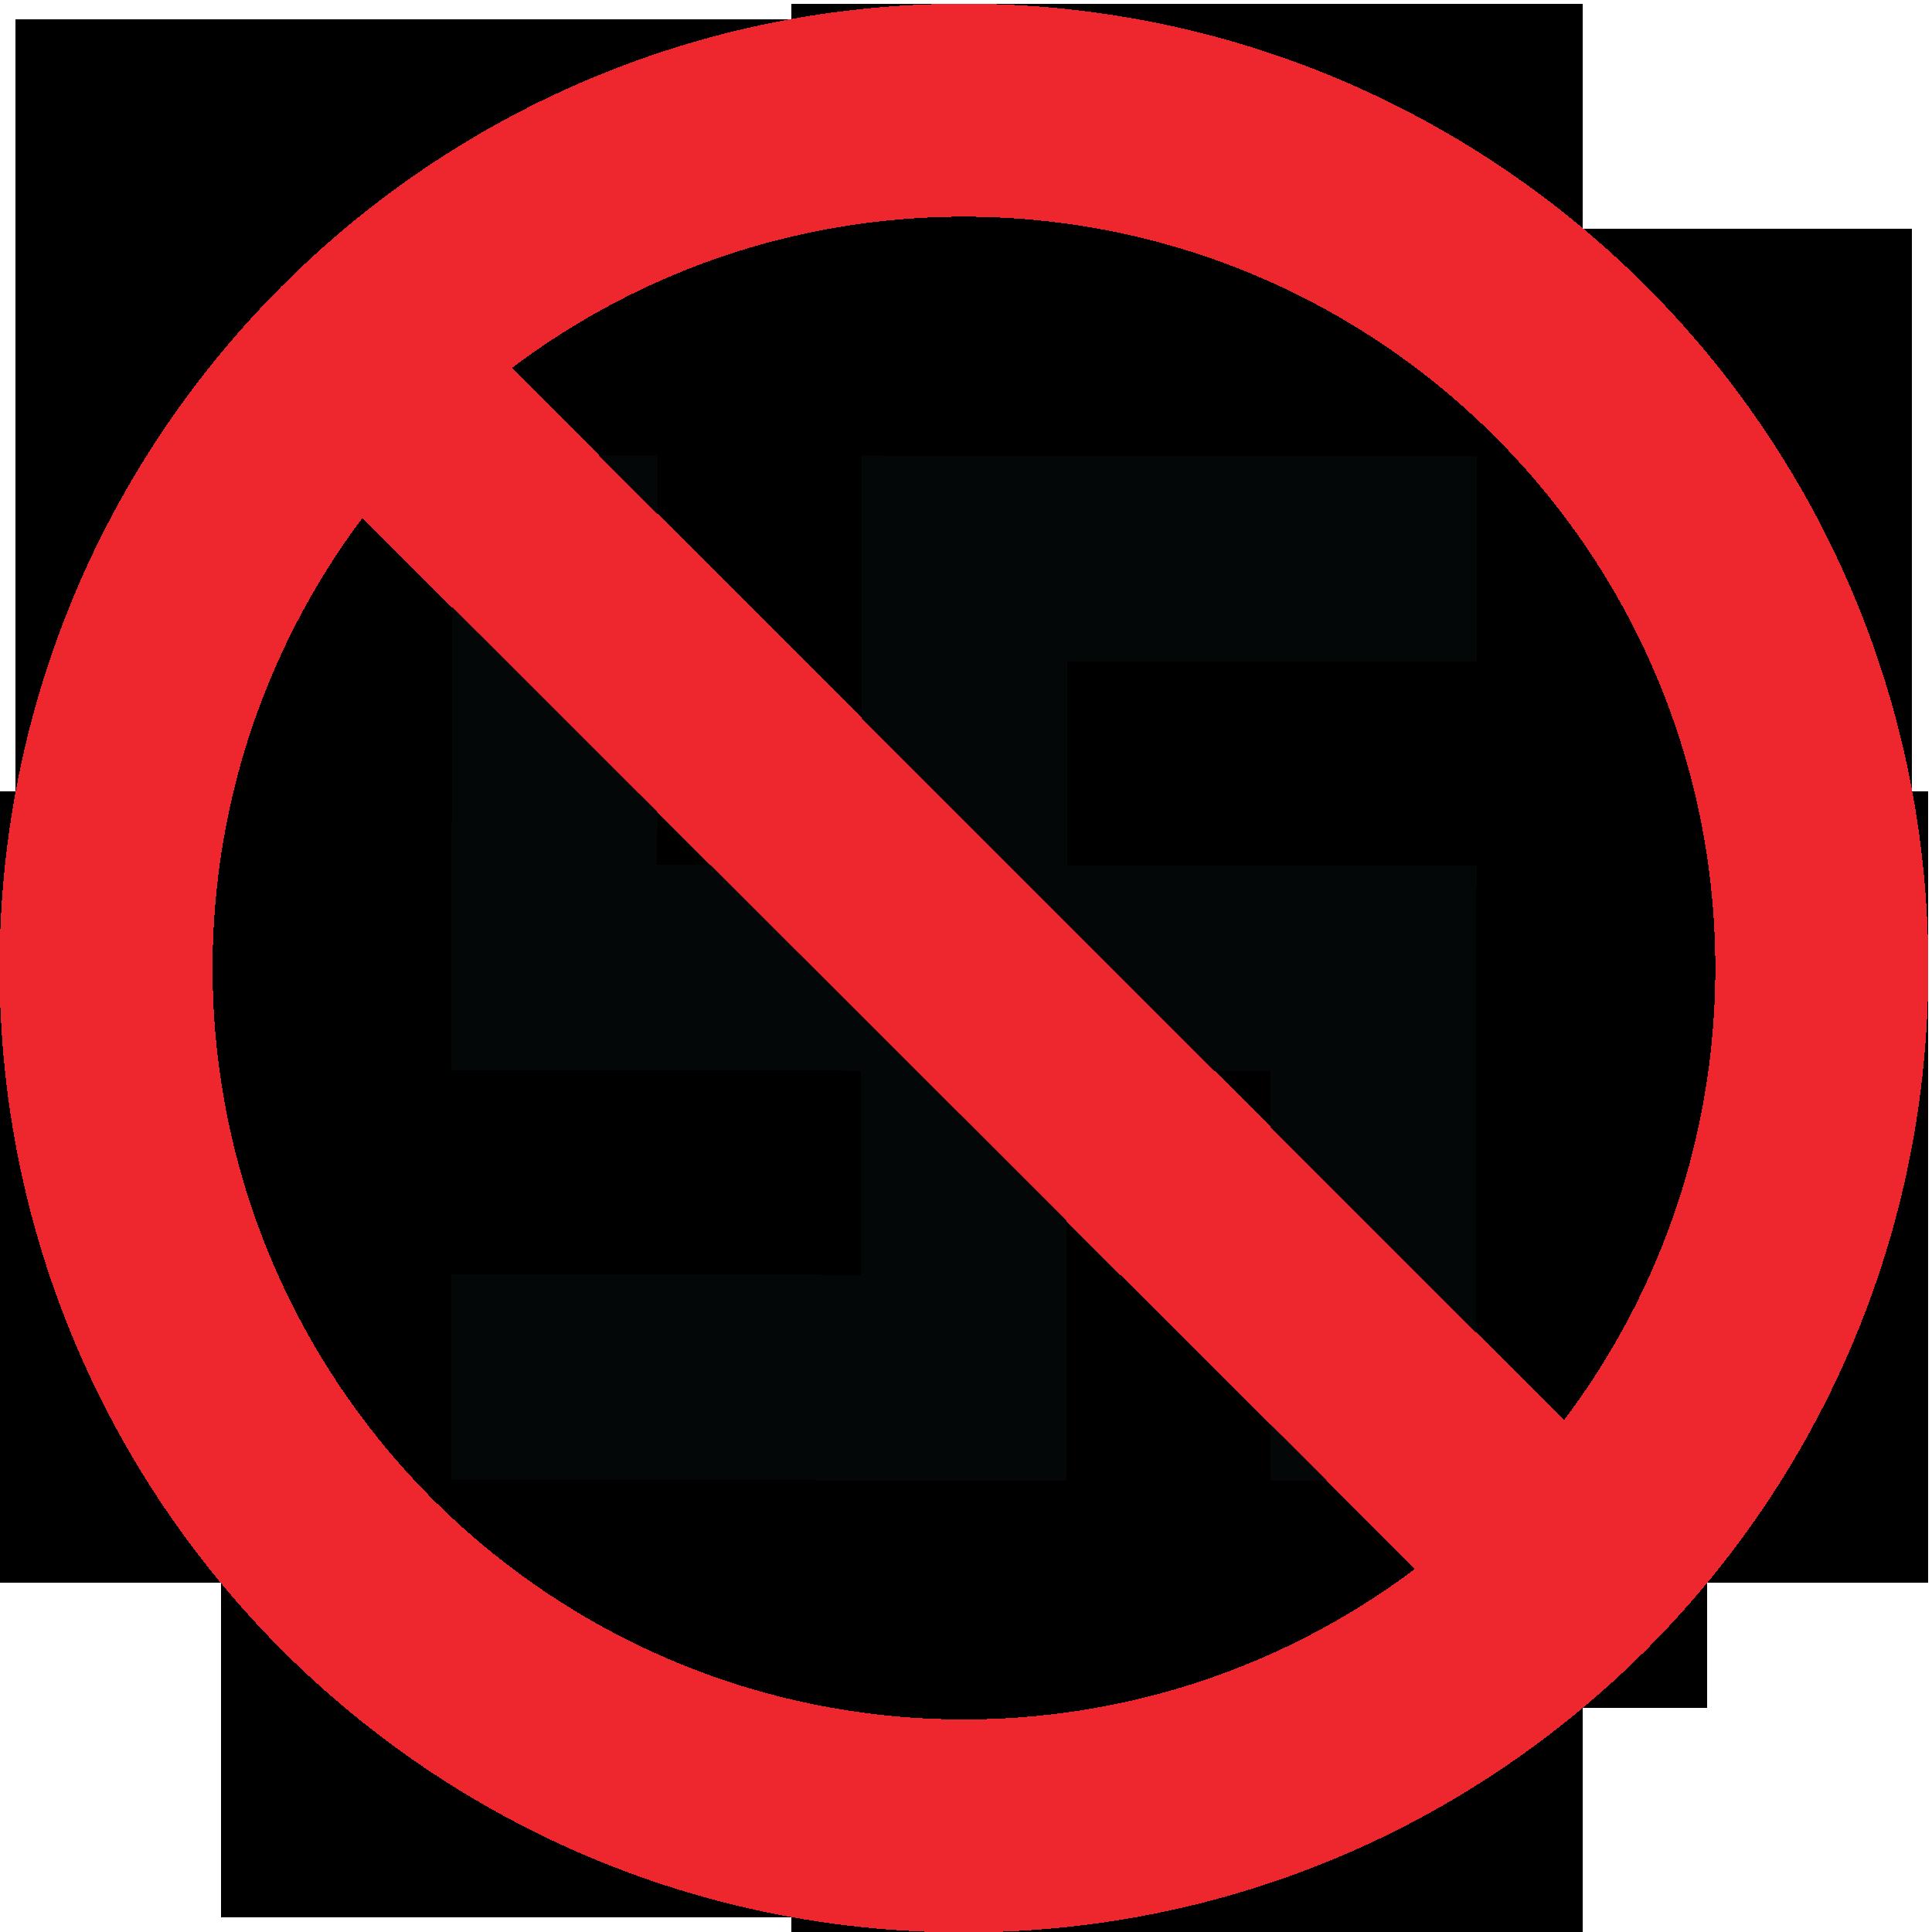 """Знак """"Фашизм запрещён!"""" (перечеркнутая нацистская свастика)"""